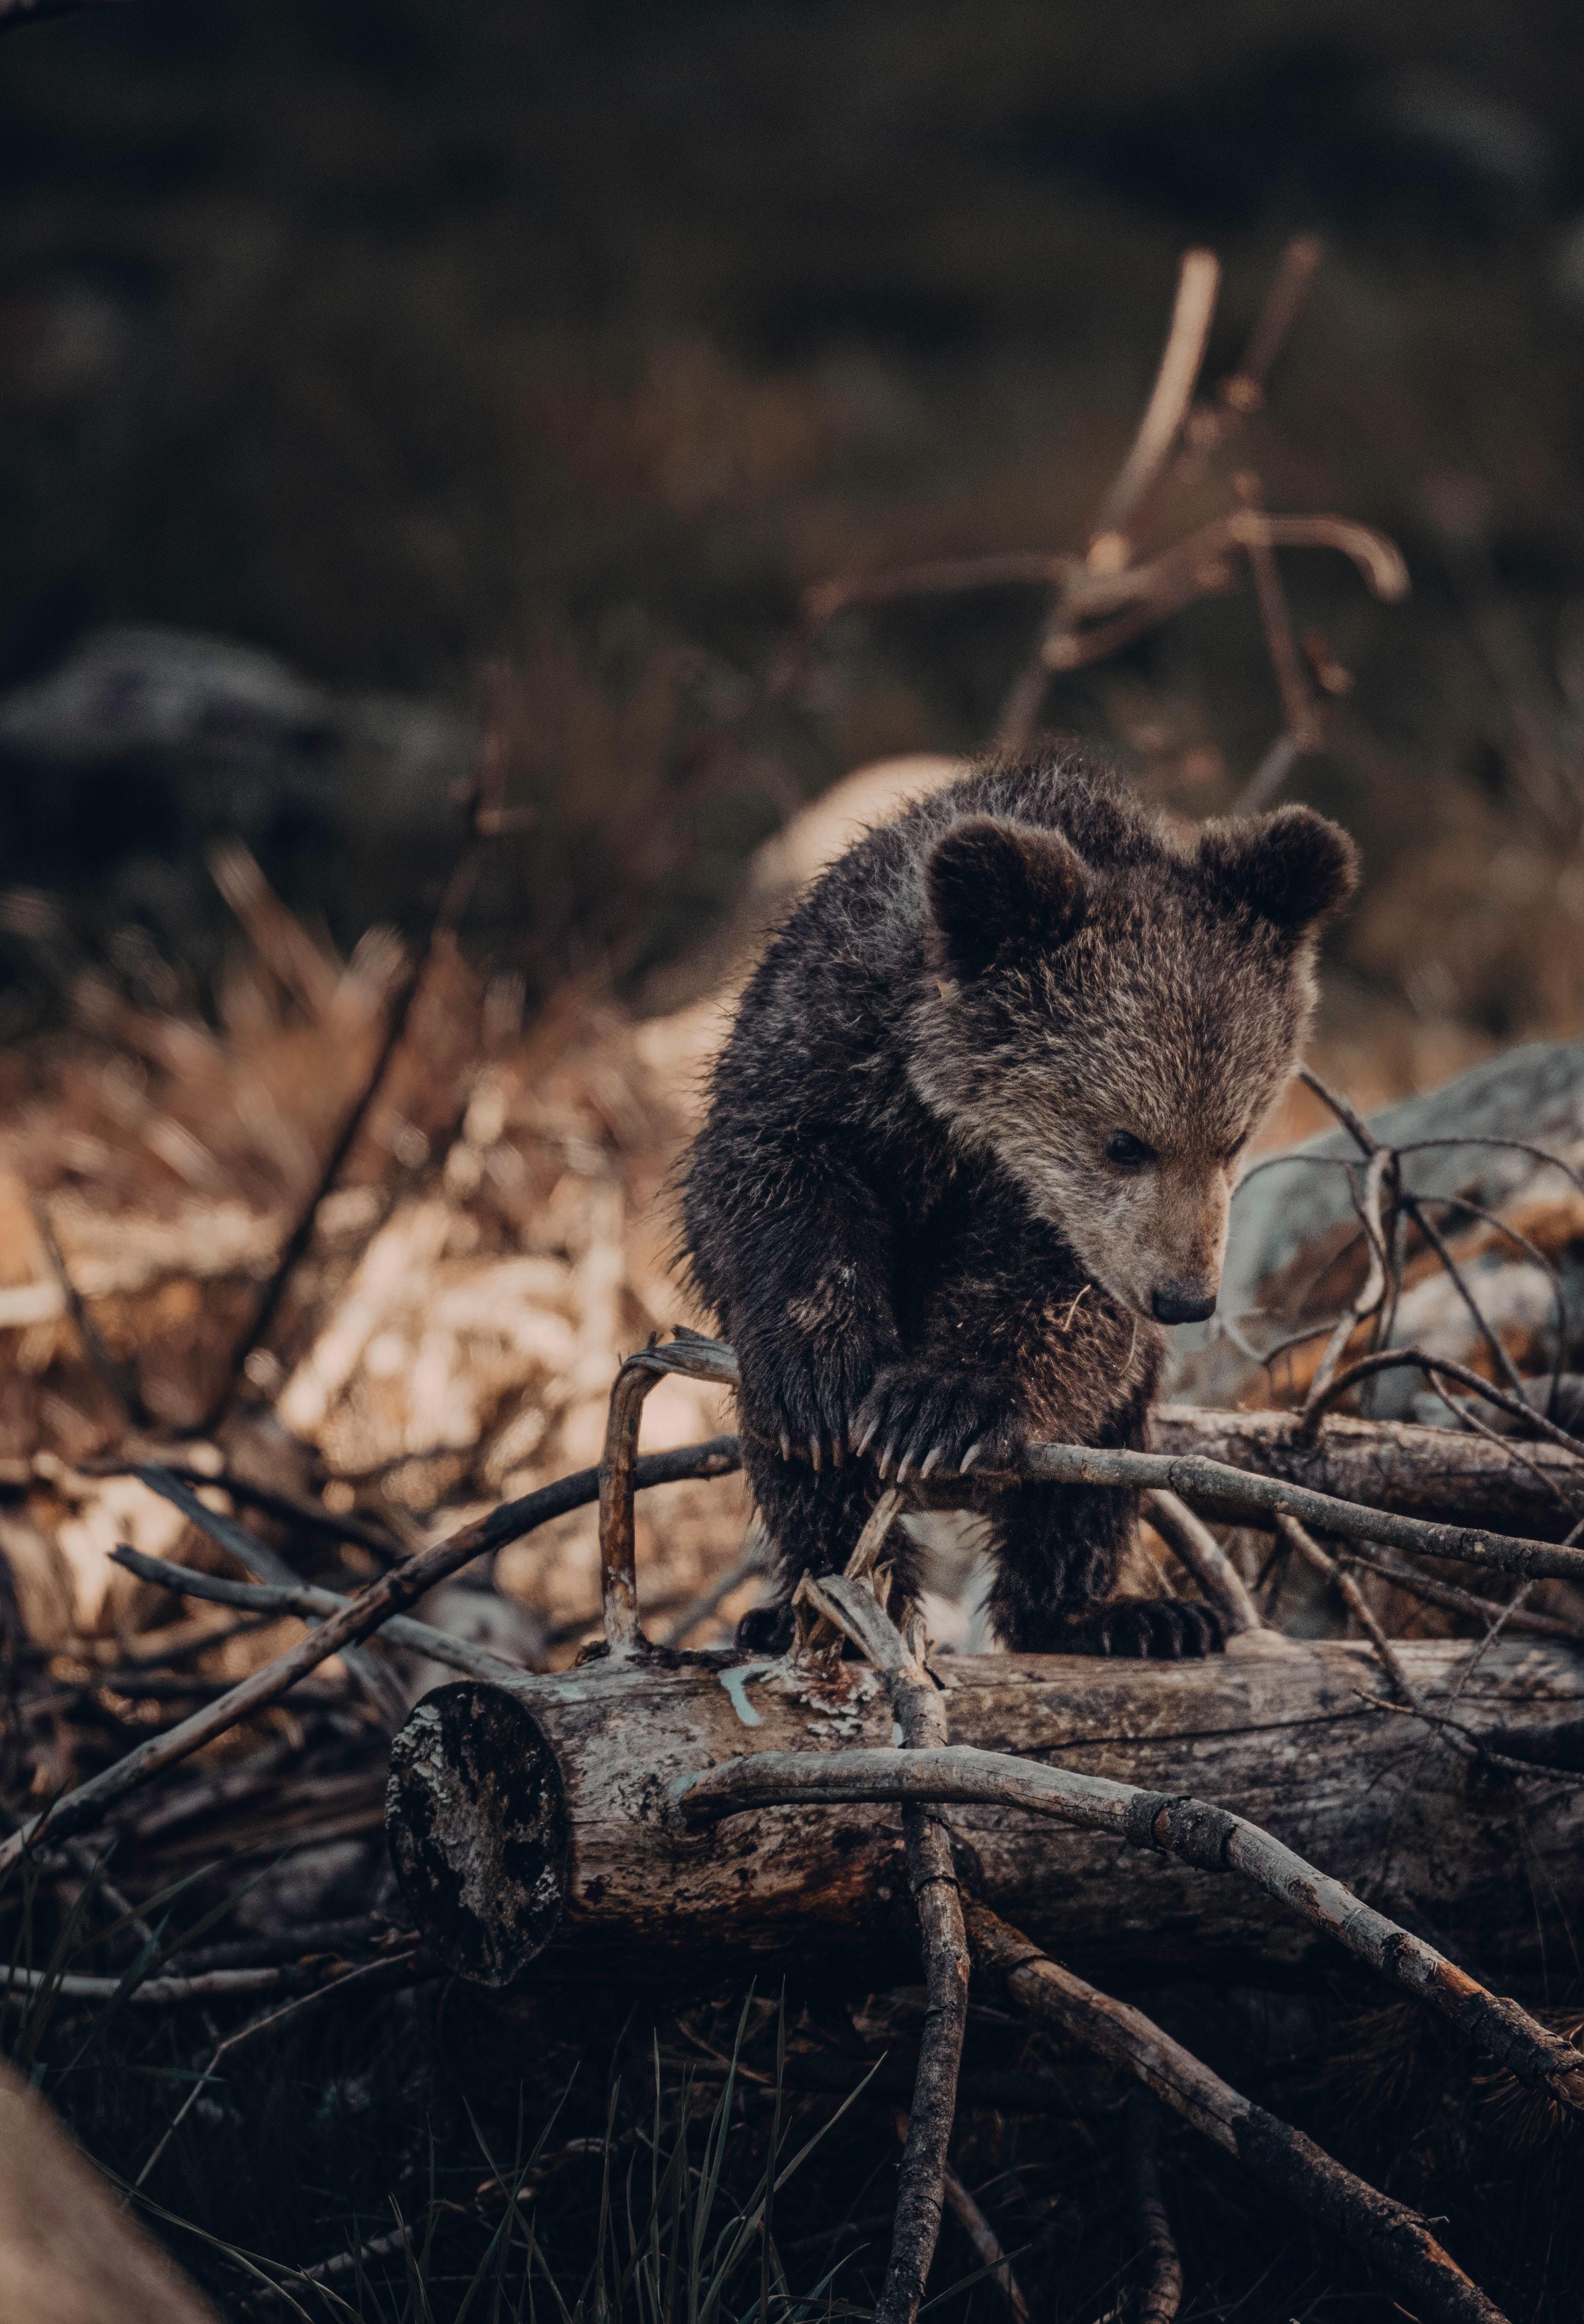 155265 скачать обои Животные, Медвежонок, Медведь, Коричневый, Зверь, Дикая Природа - заставки и картинки бесплатно